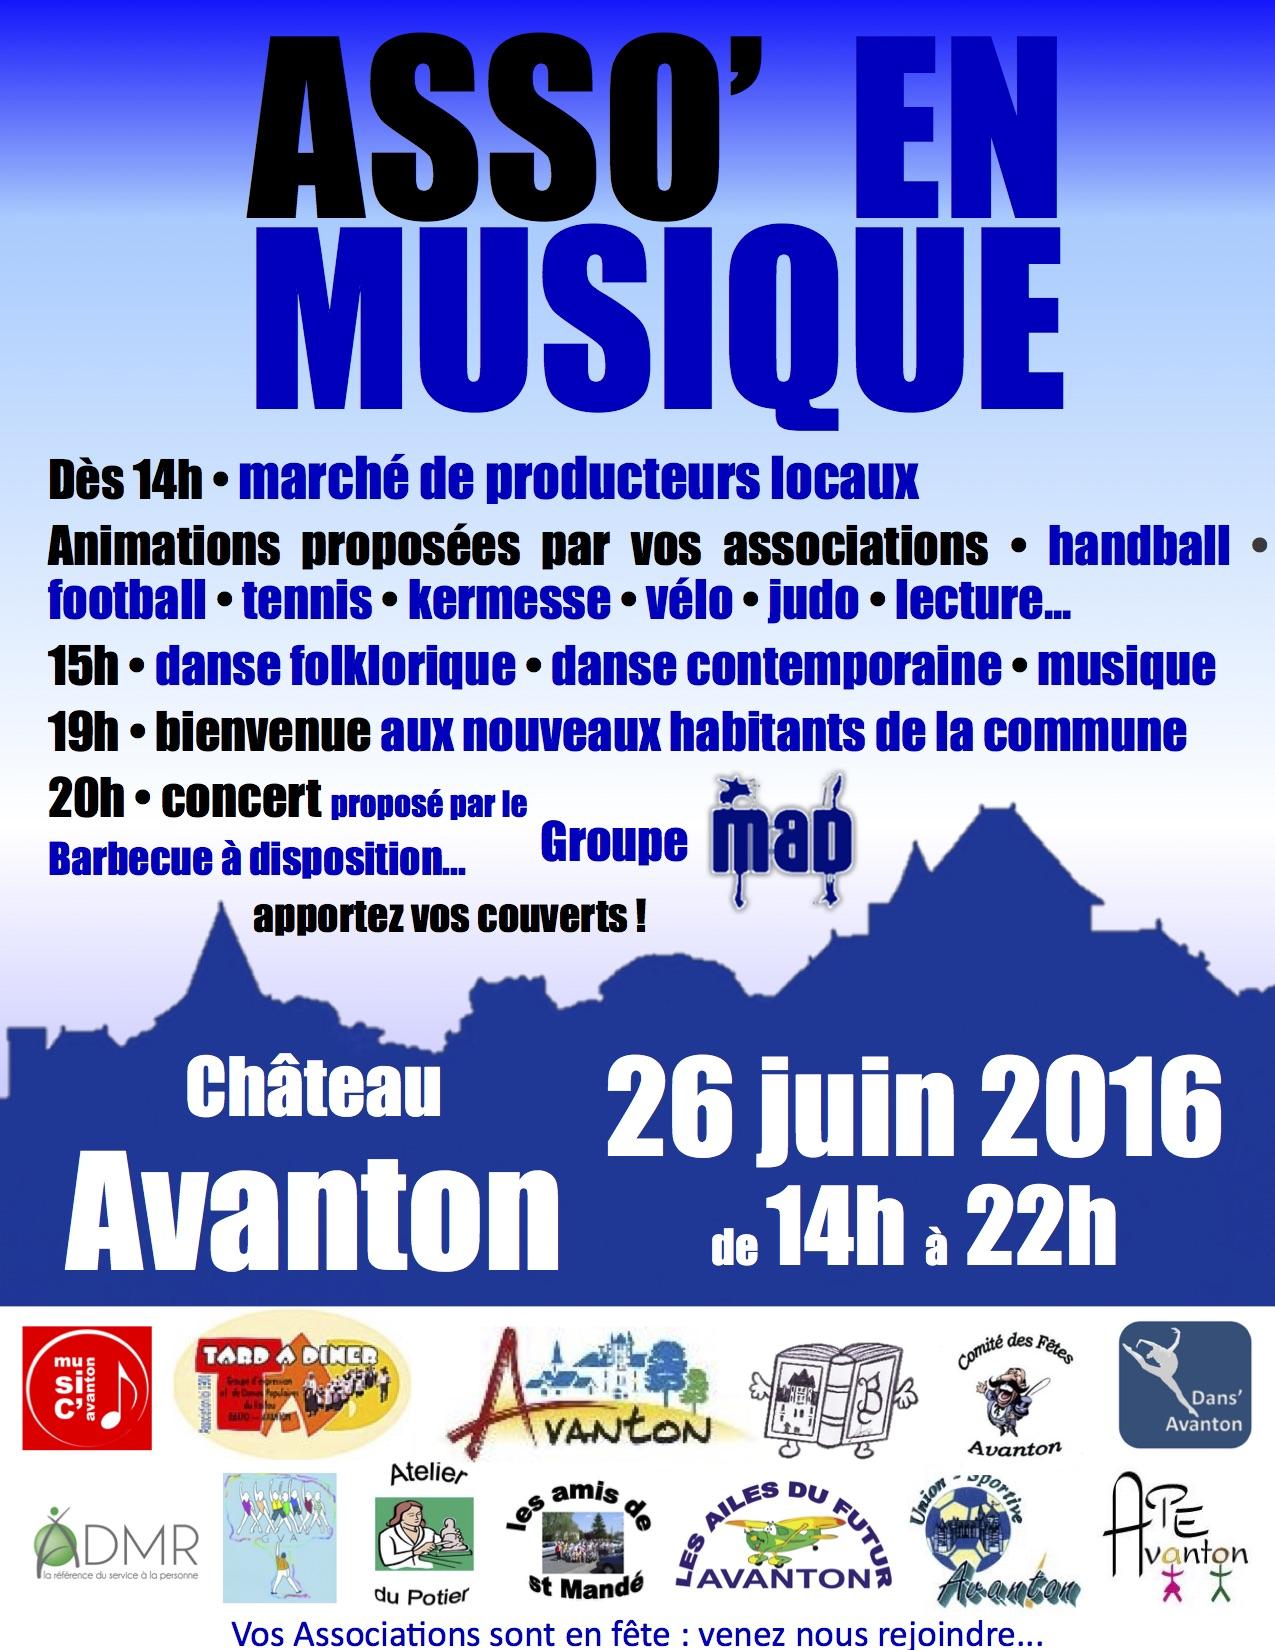 Affiche Asso'en Musique Avanton 26 juin 2016